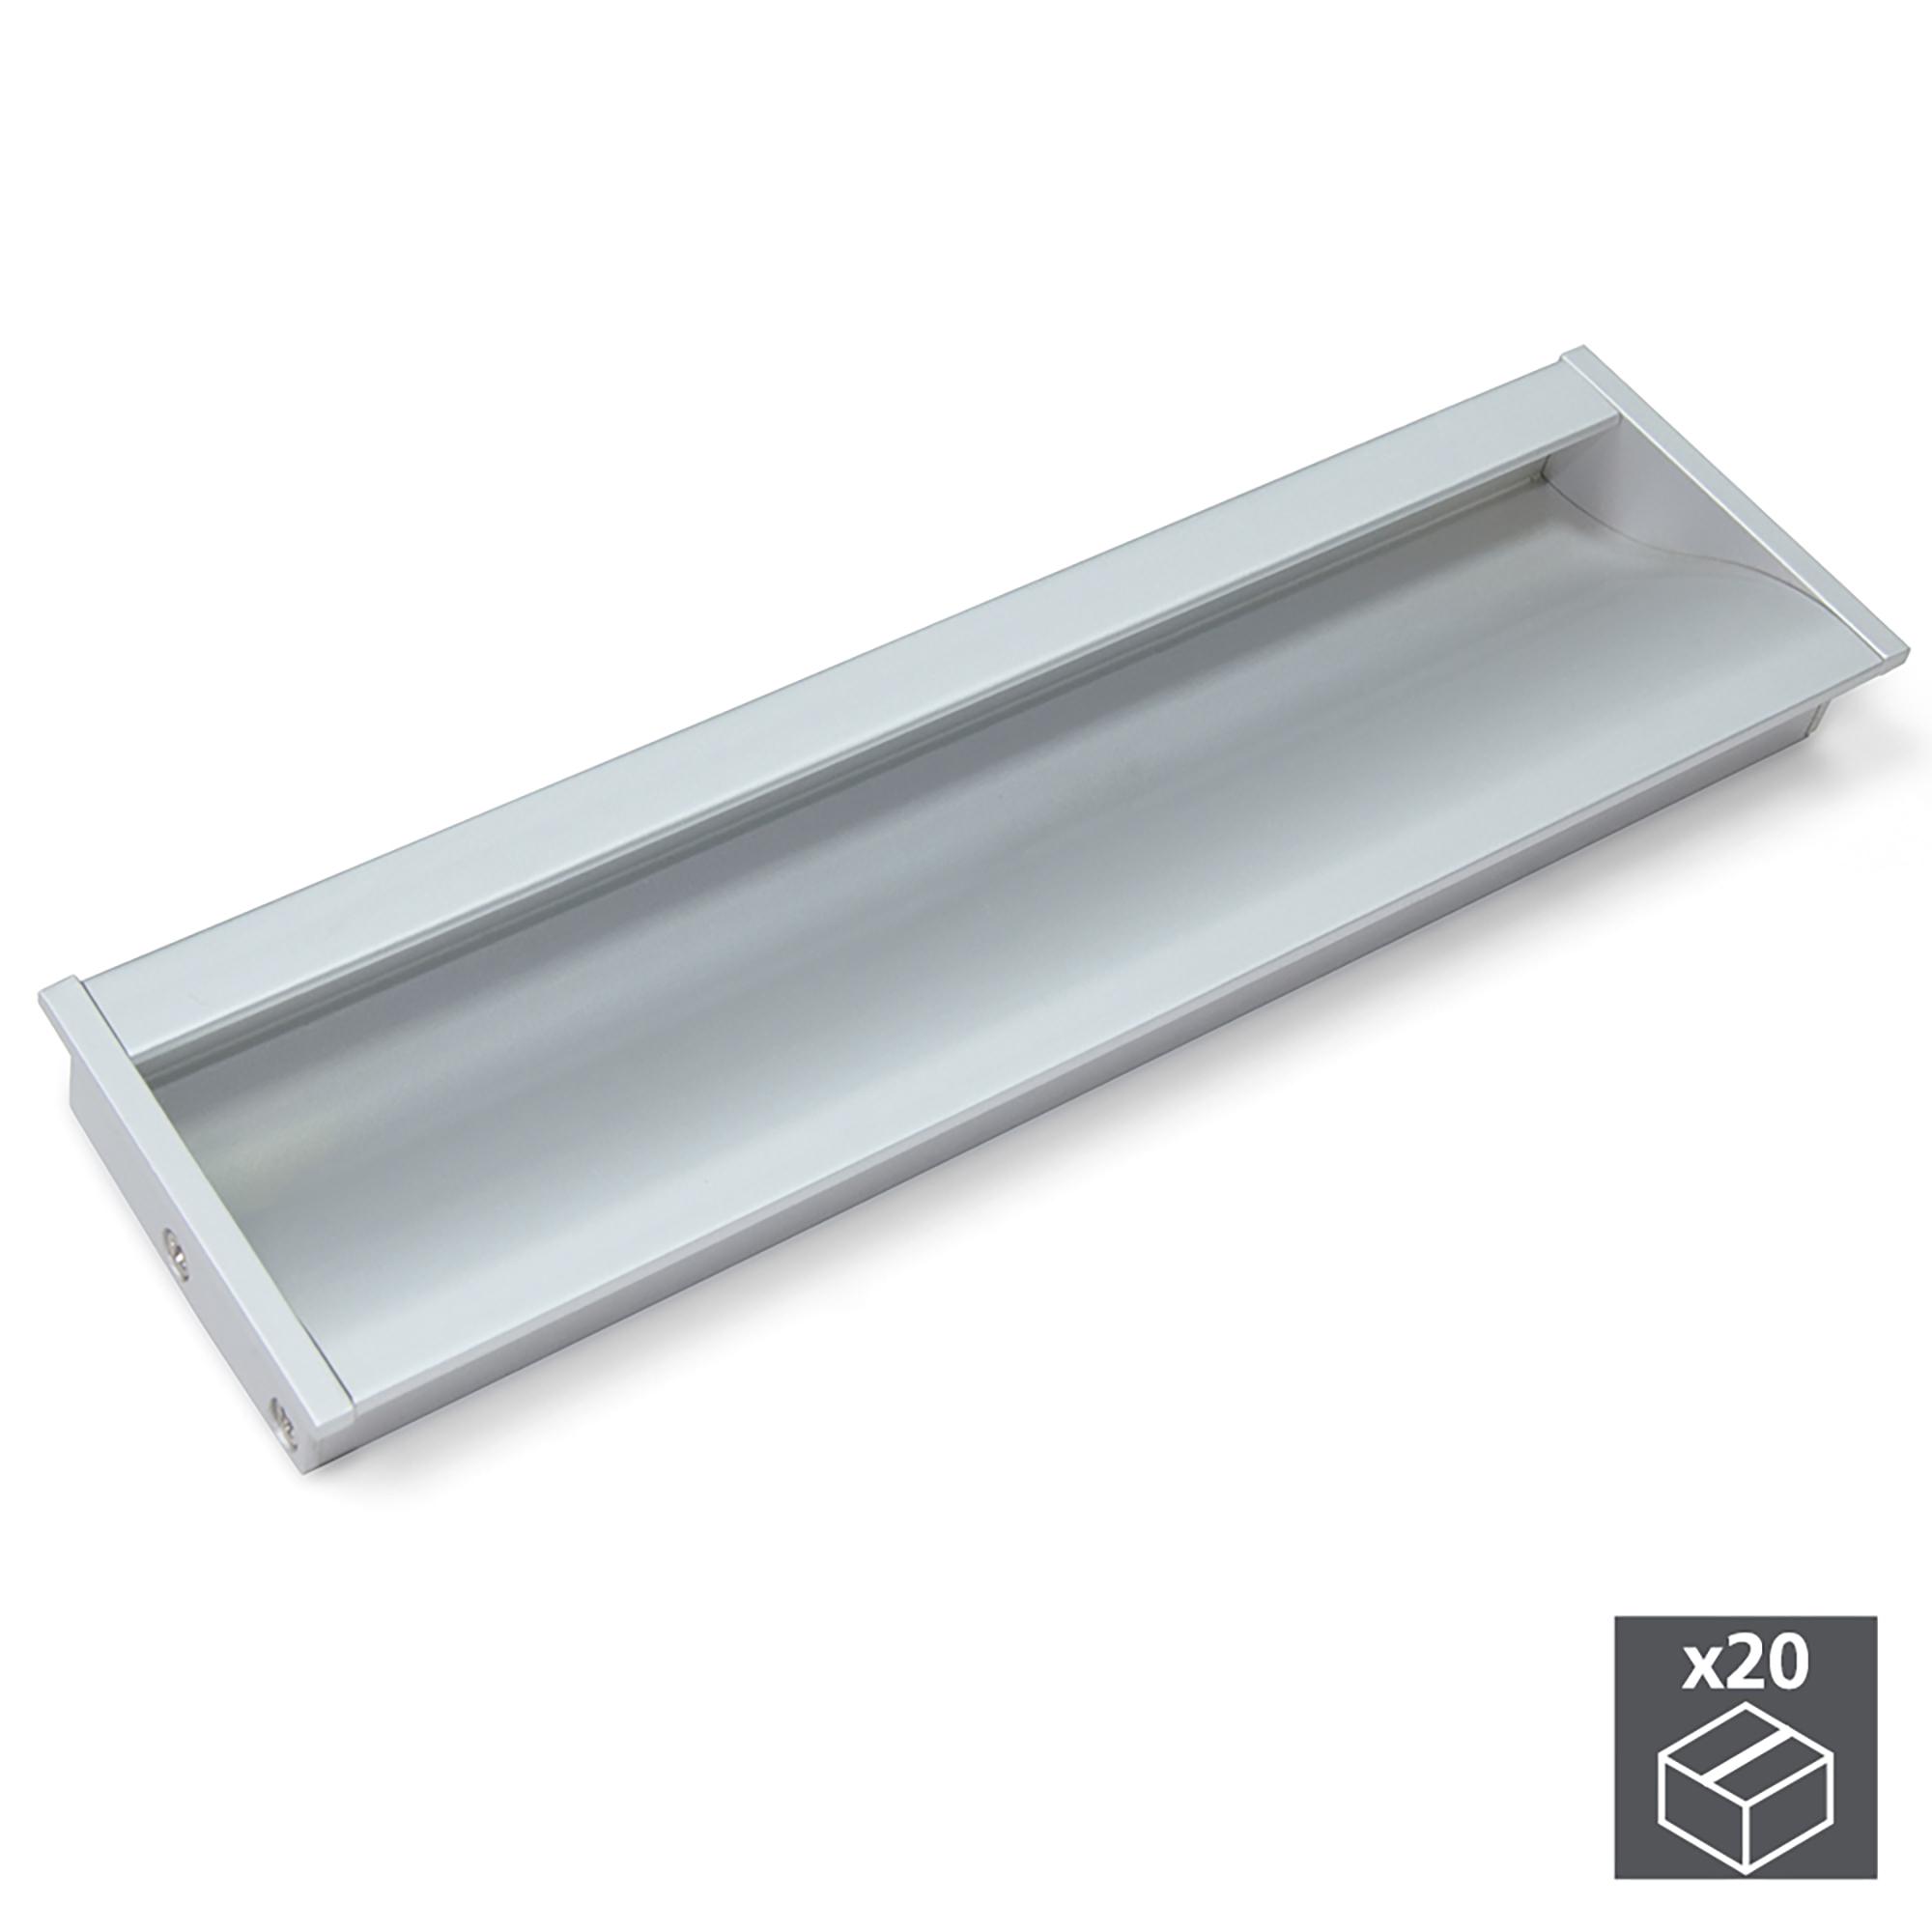 Emuca Maniglie per mobile, interasse 160 mm, Alluminio, Anodizzato opaco, 20 u.